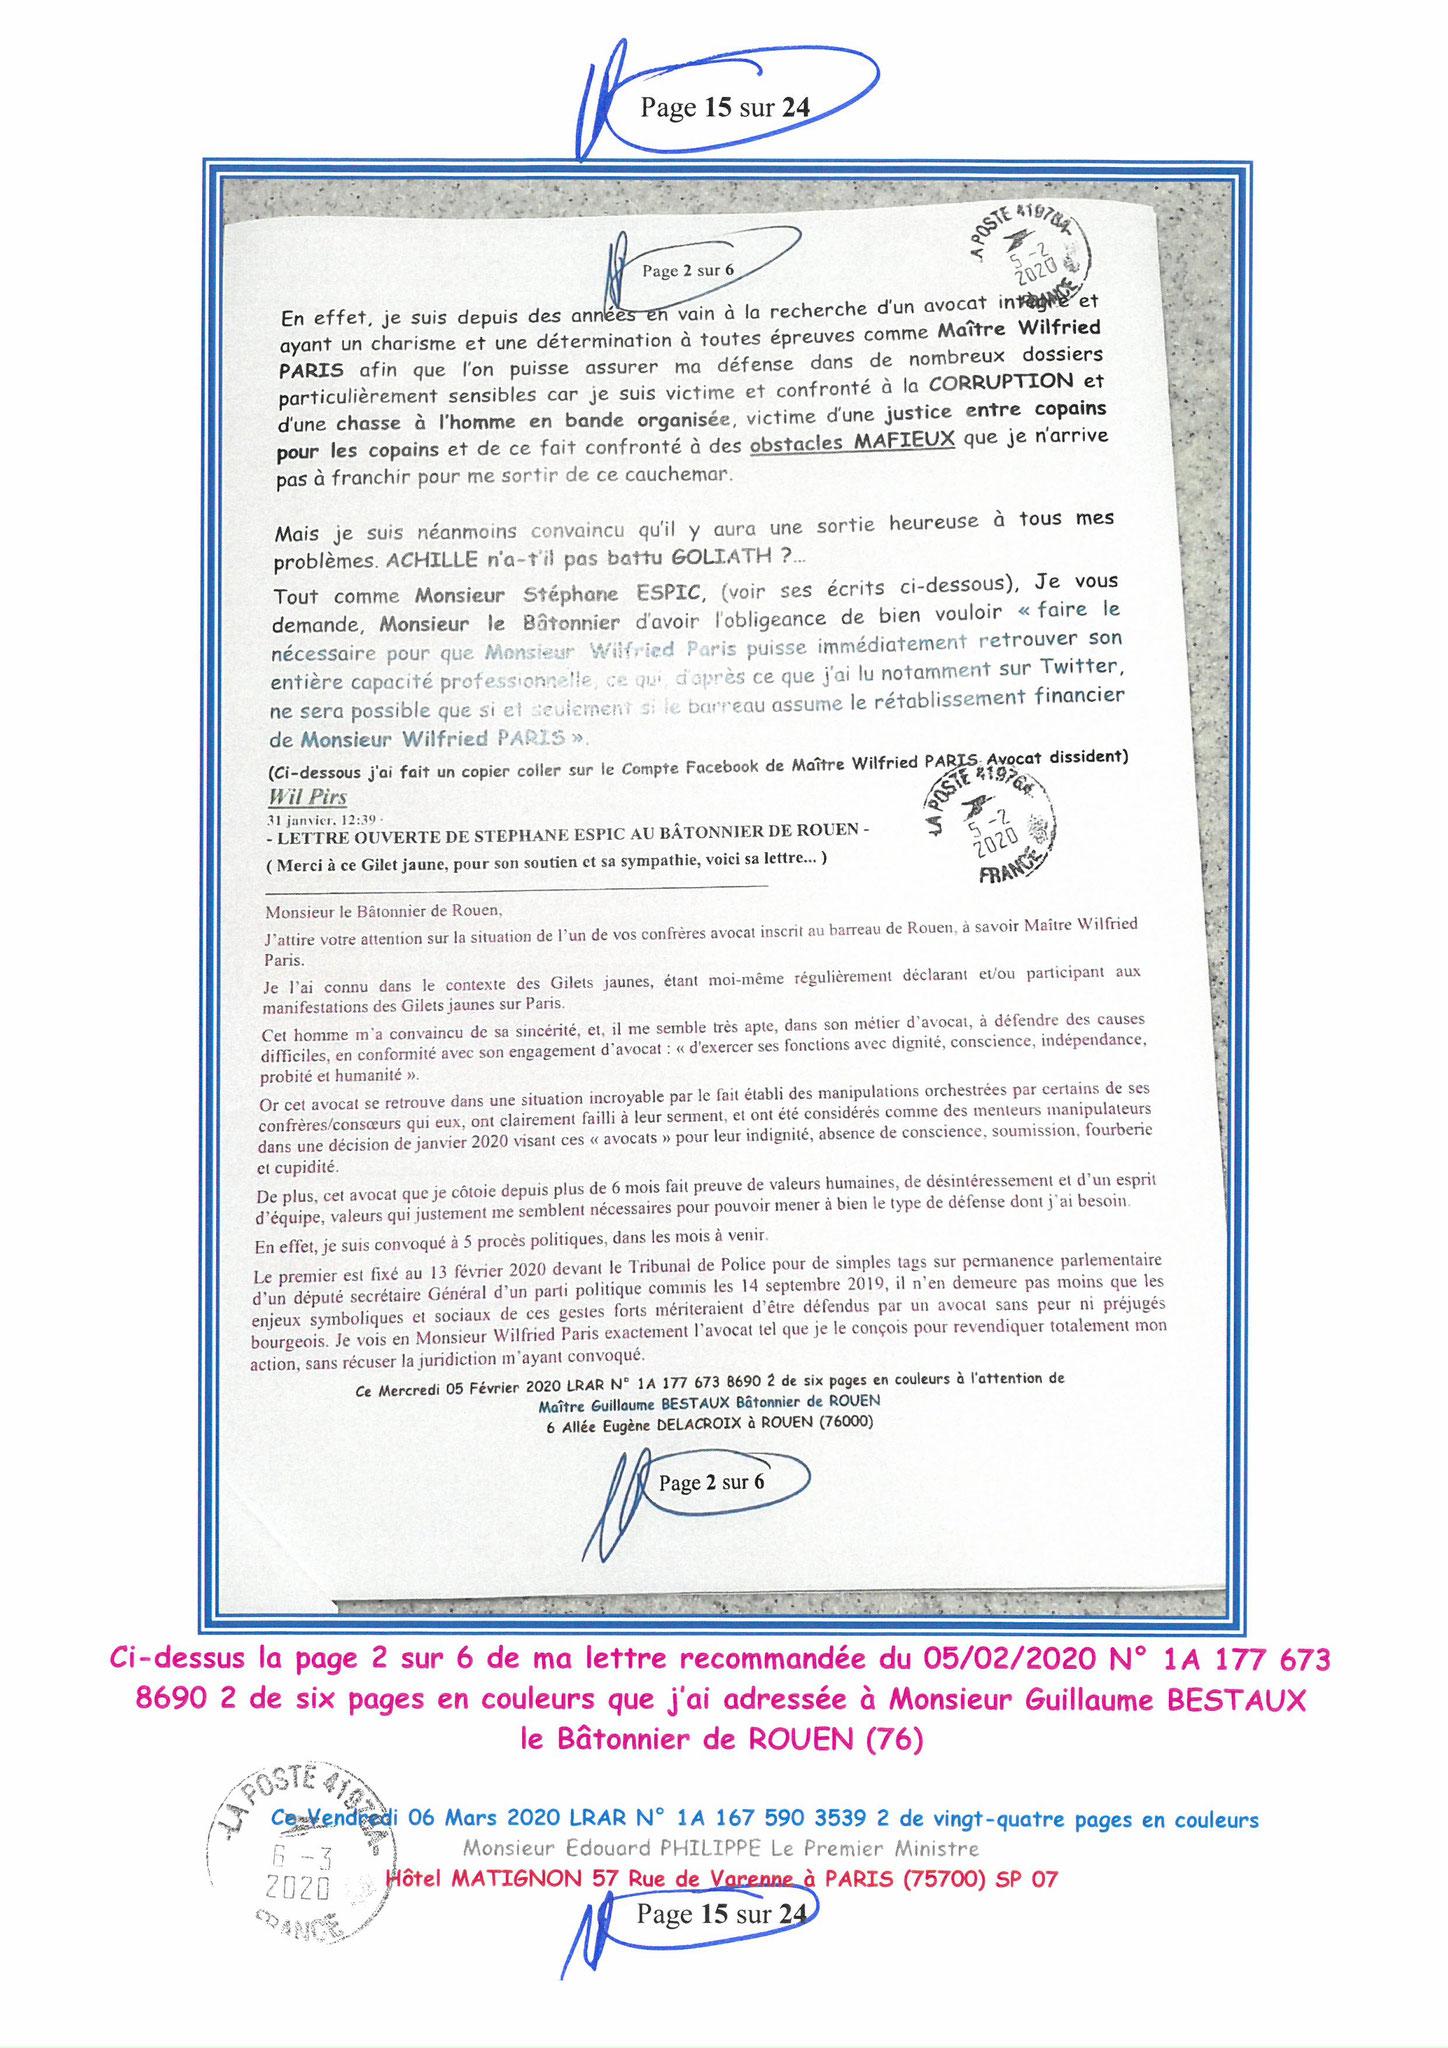 Ma LRAR à Monsieur le  Premier Ministre Edouard PHILIPPE N° 1A 167 590 3539 2 Page 15 sur 24 en Couleur du 06 Mars 2020  www.jesuispatrick.fr www.jesuisvictime.fr www.alerte-rouge-france.fr